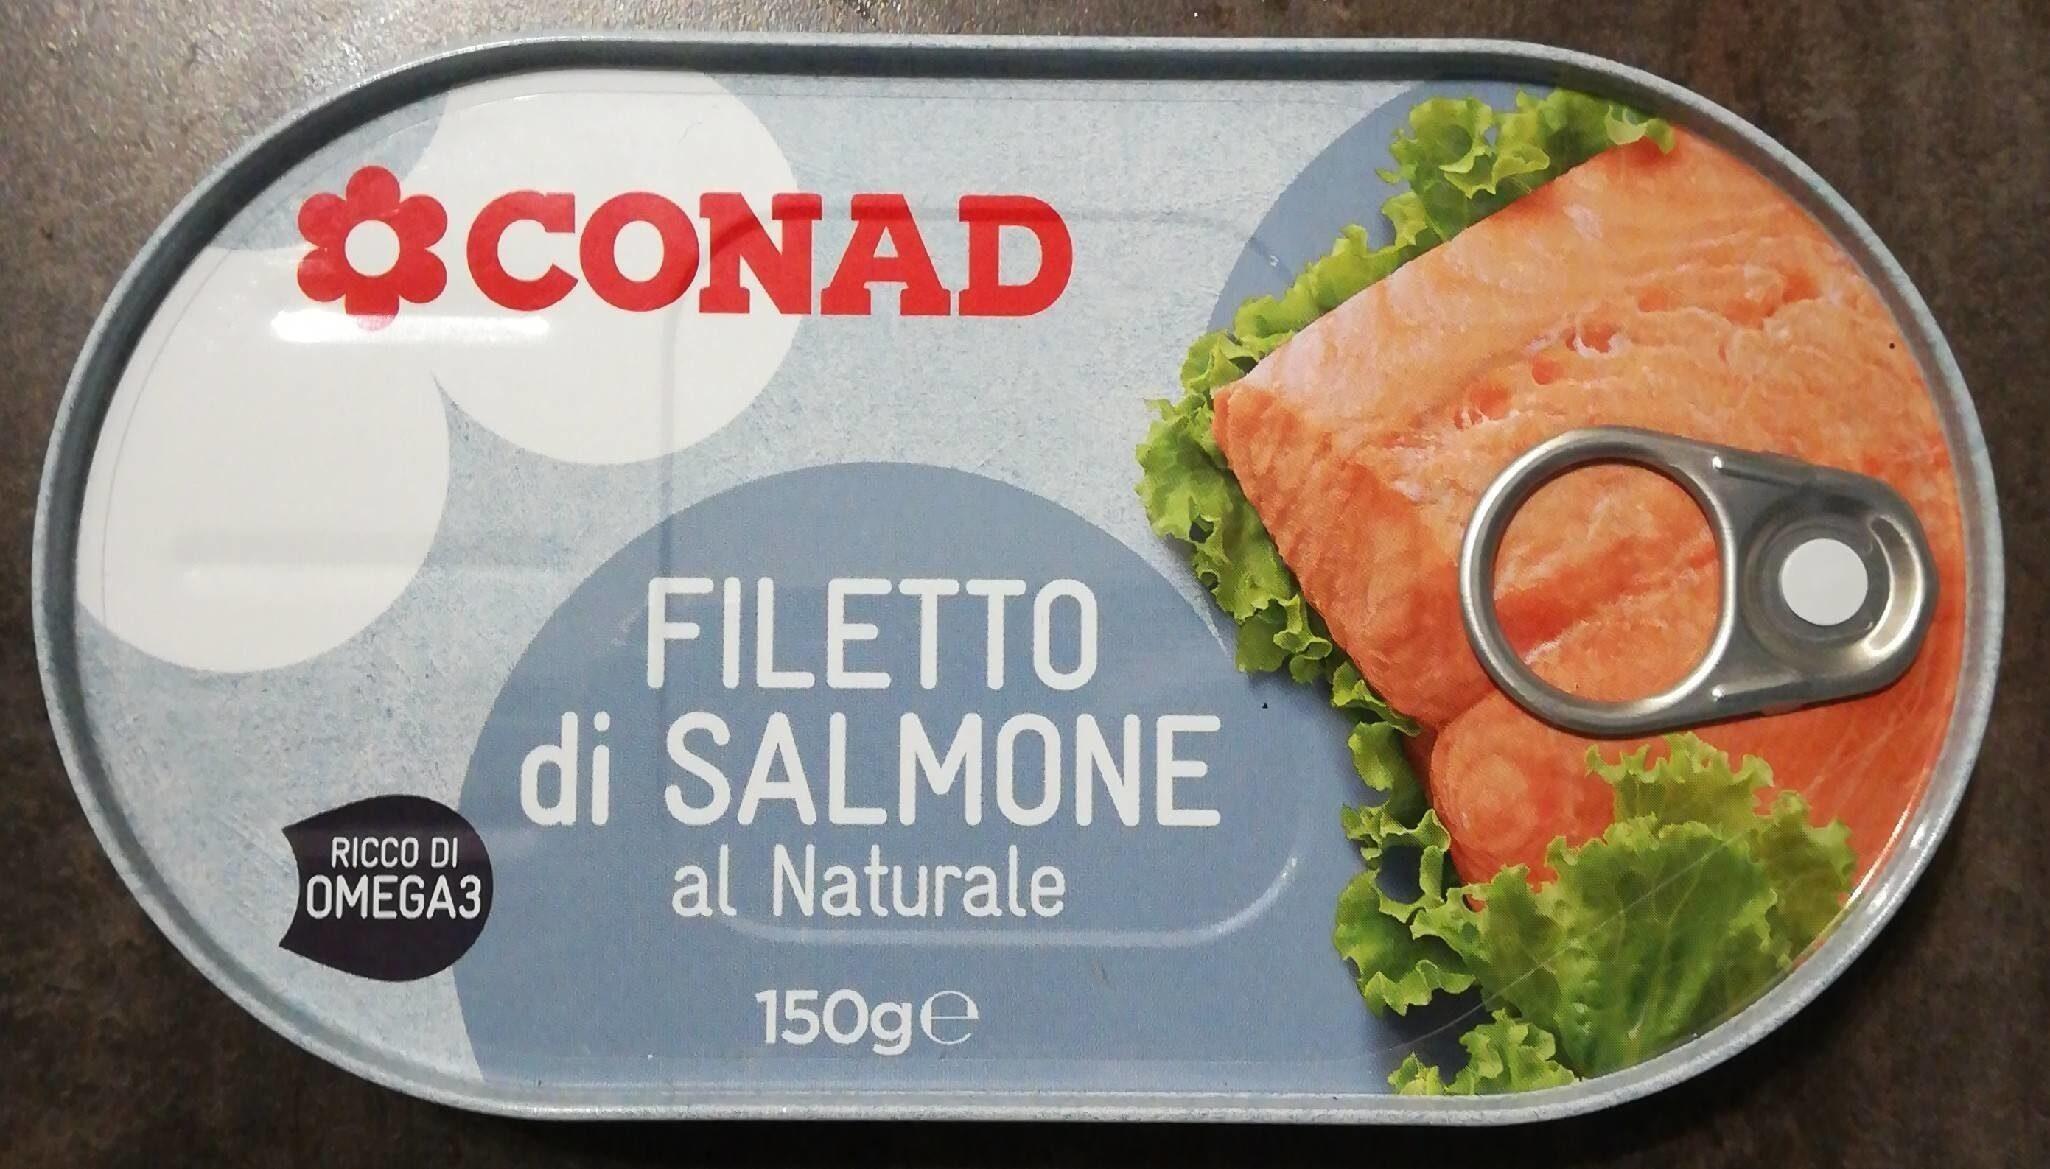 Filetto di salmone al naturale - Produit - it